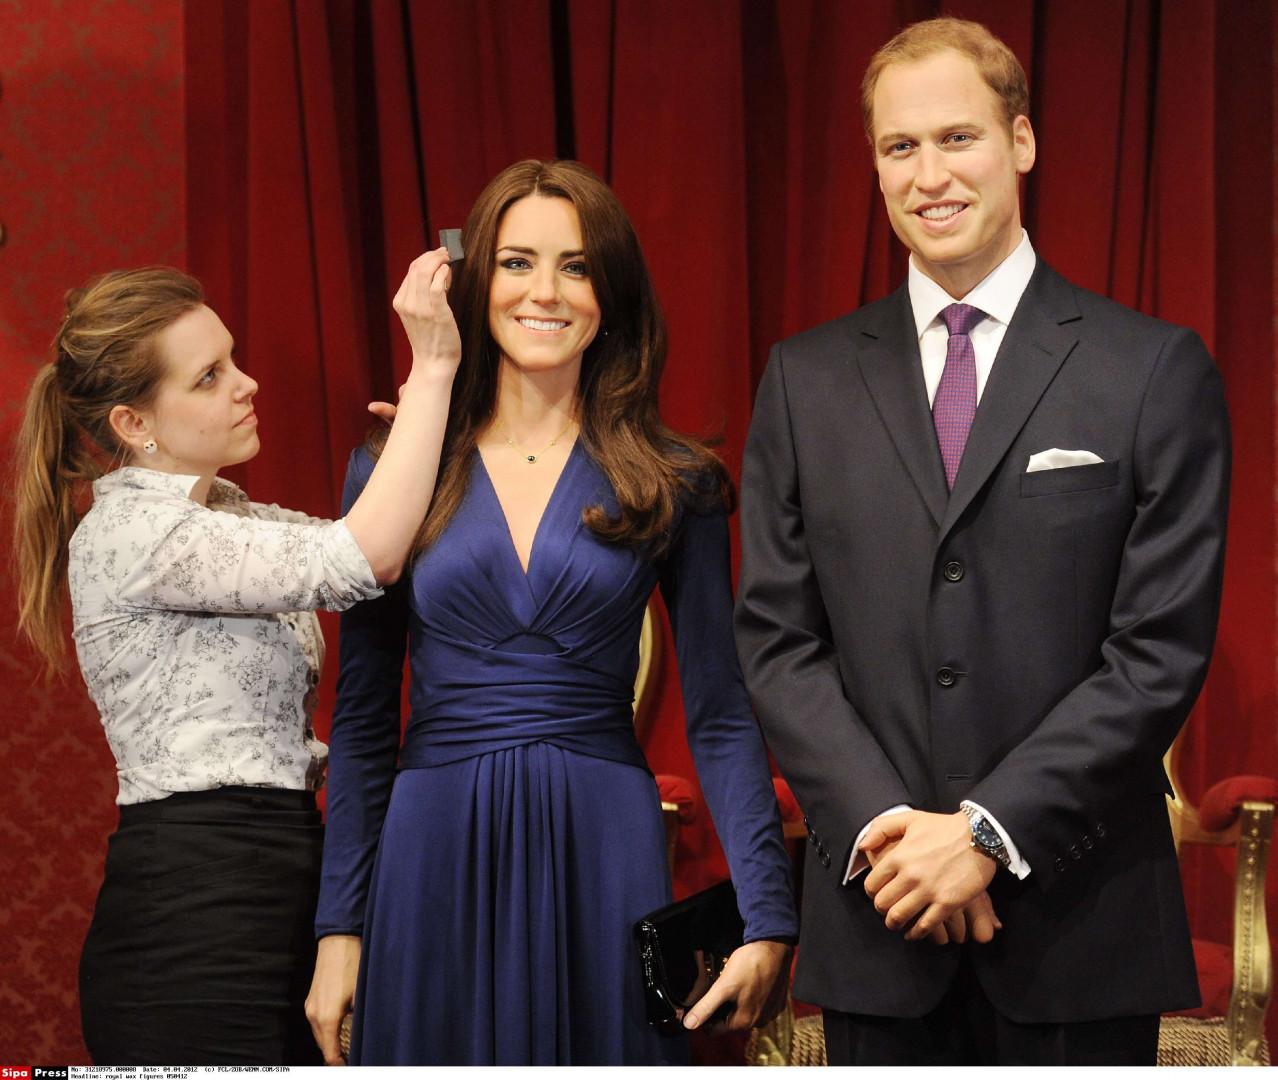 Le couple royal est immortalisé en statues de cire, ici le 4 avril 2012